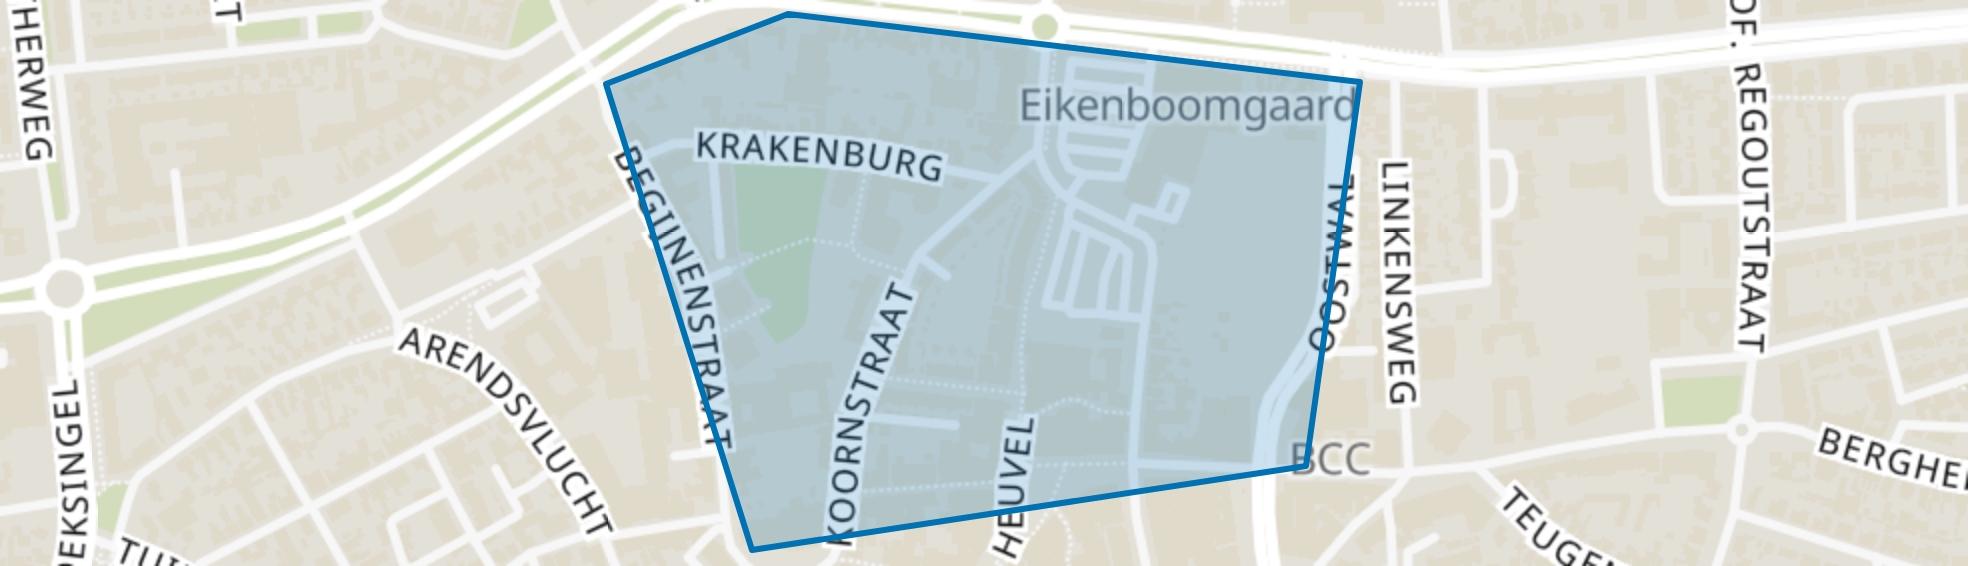 Centrum-Noord, Oss map